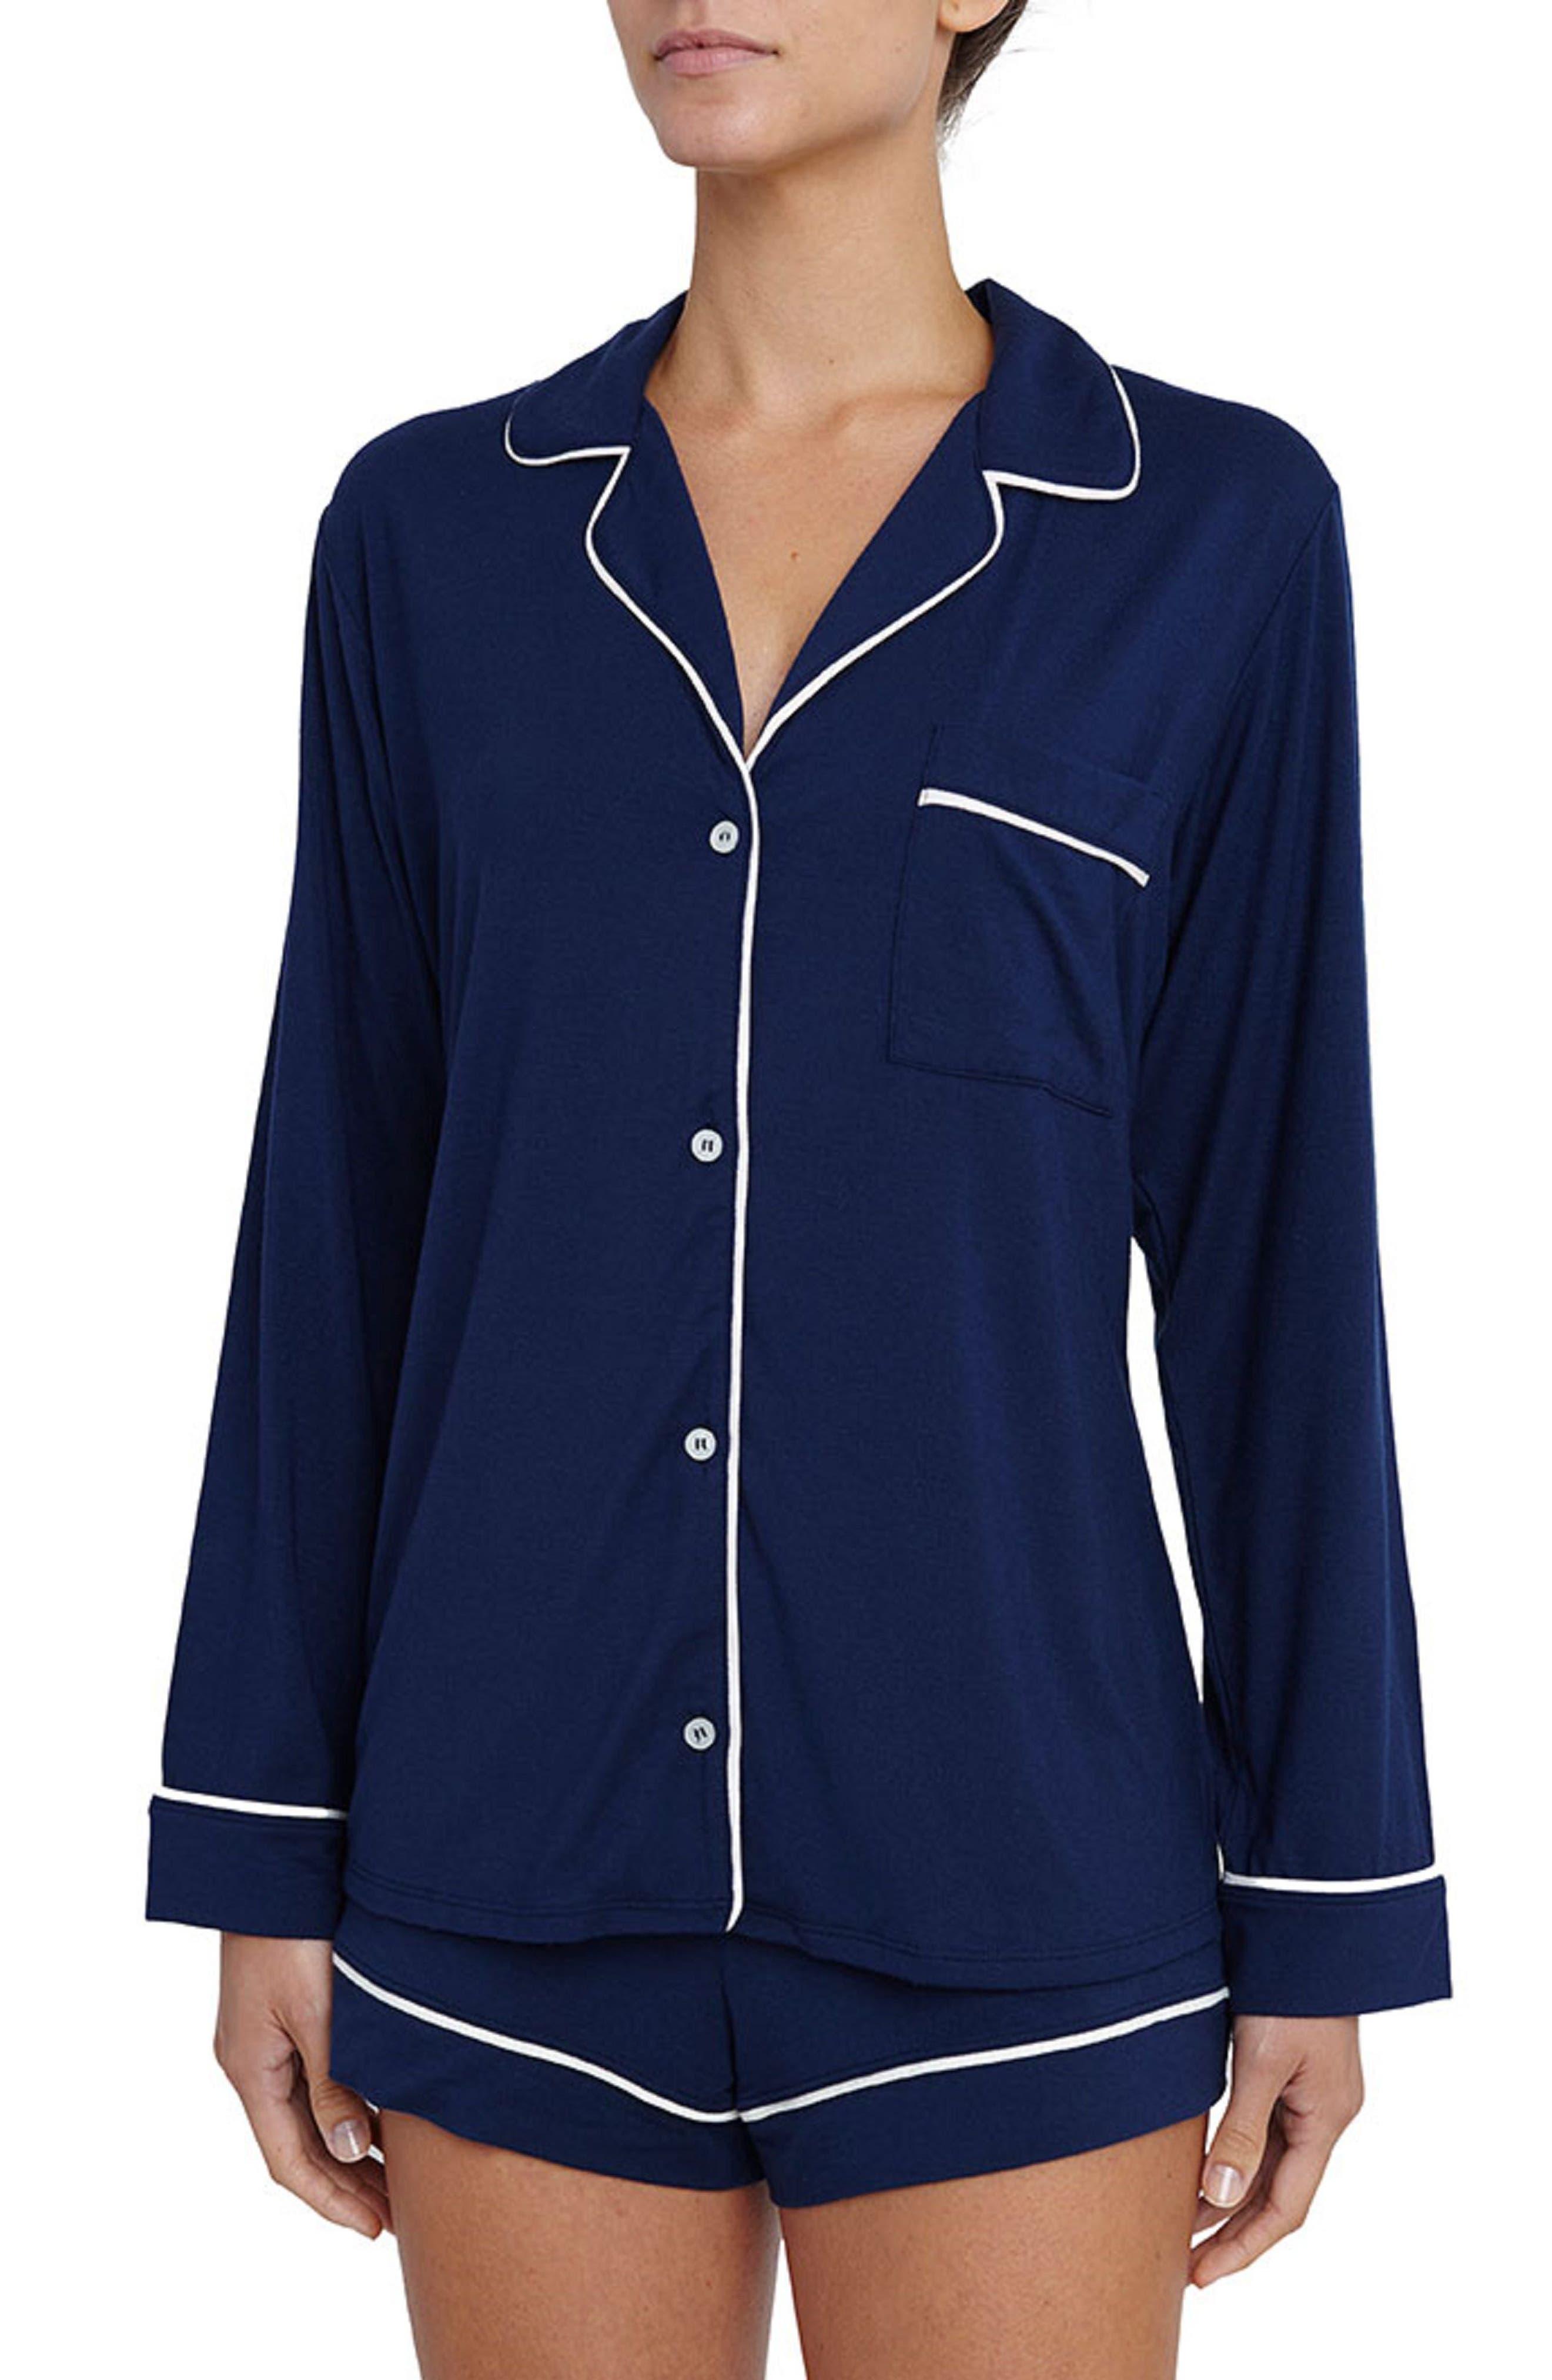 Alternate Image 1 Selected - Eberjey 'Gisele' Short Pajamas